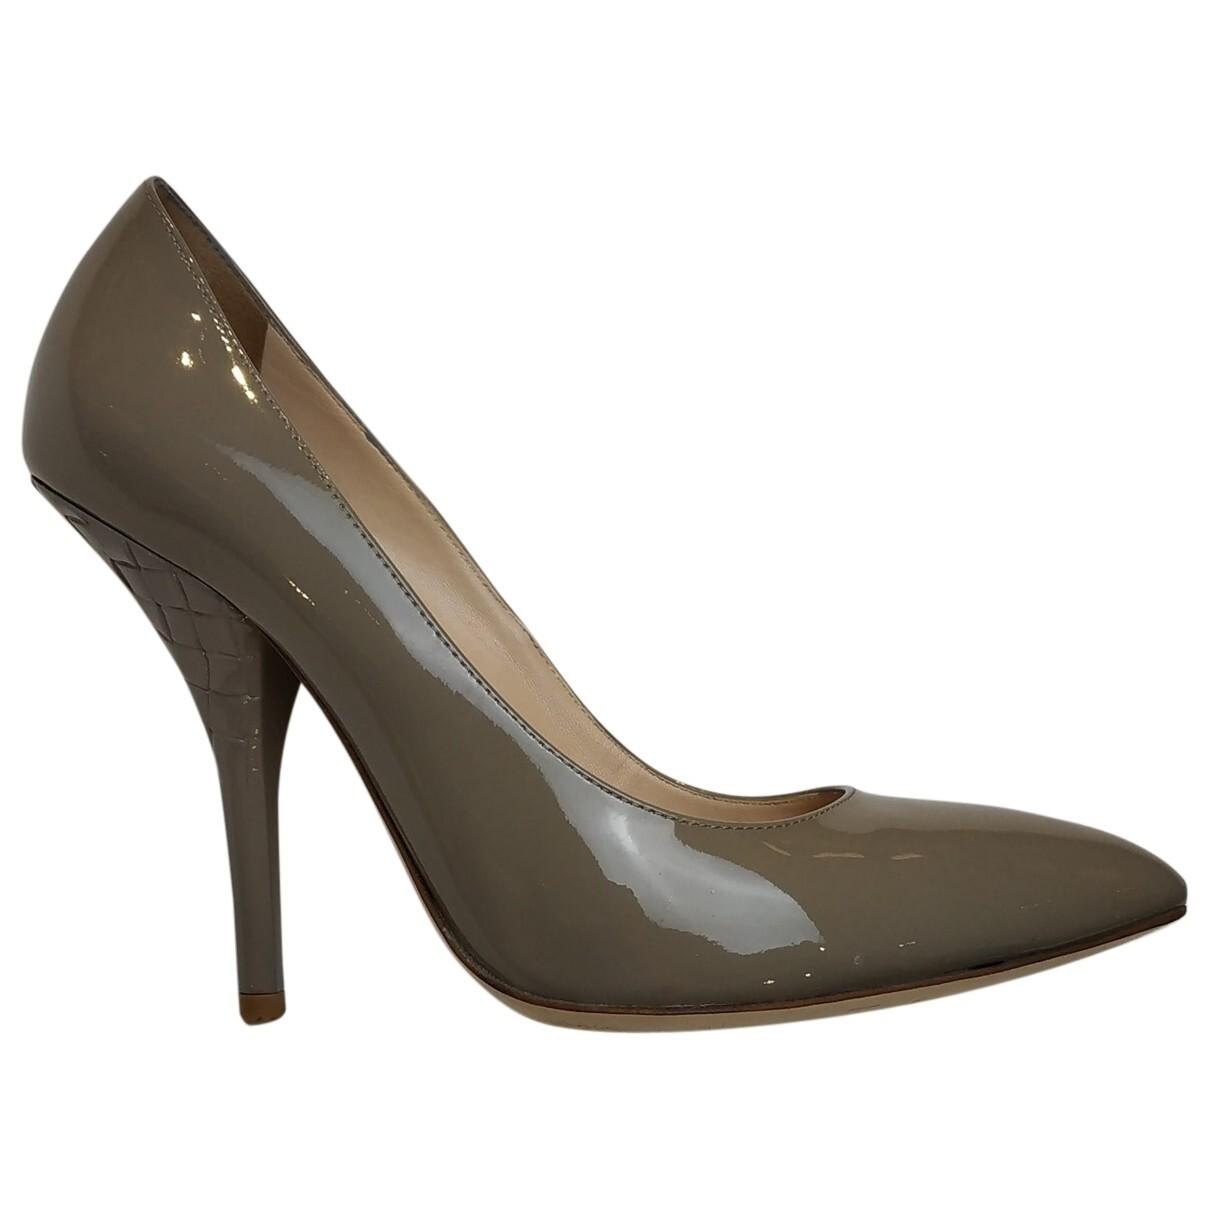 Bottega Veneta  heels, size 38